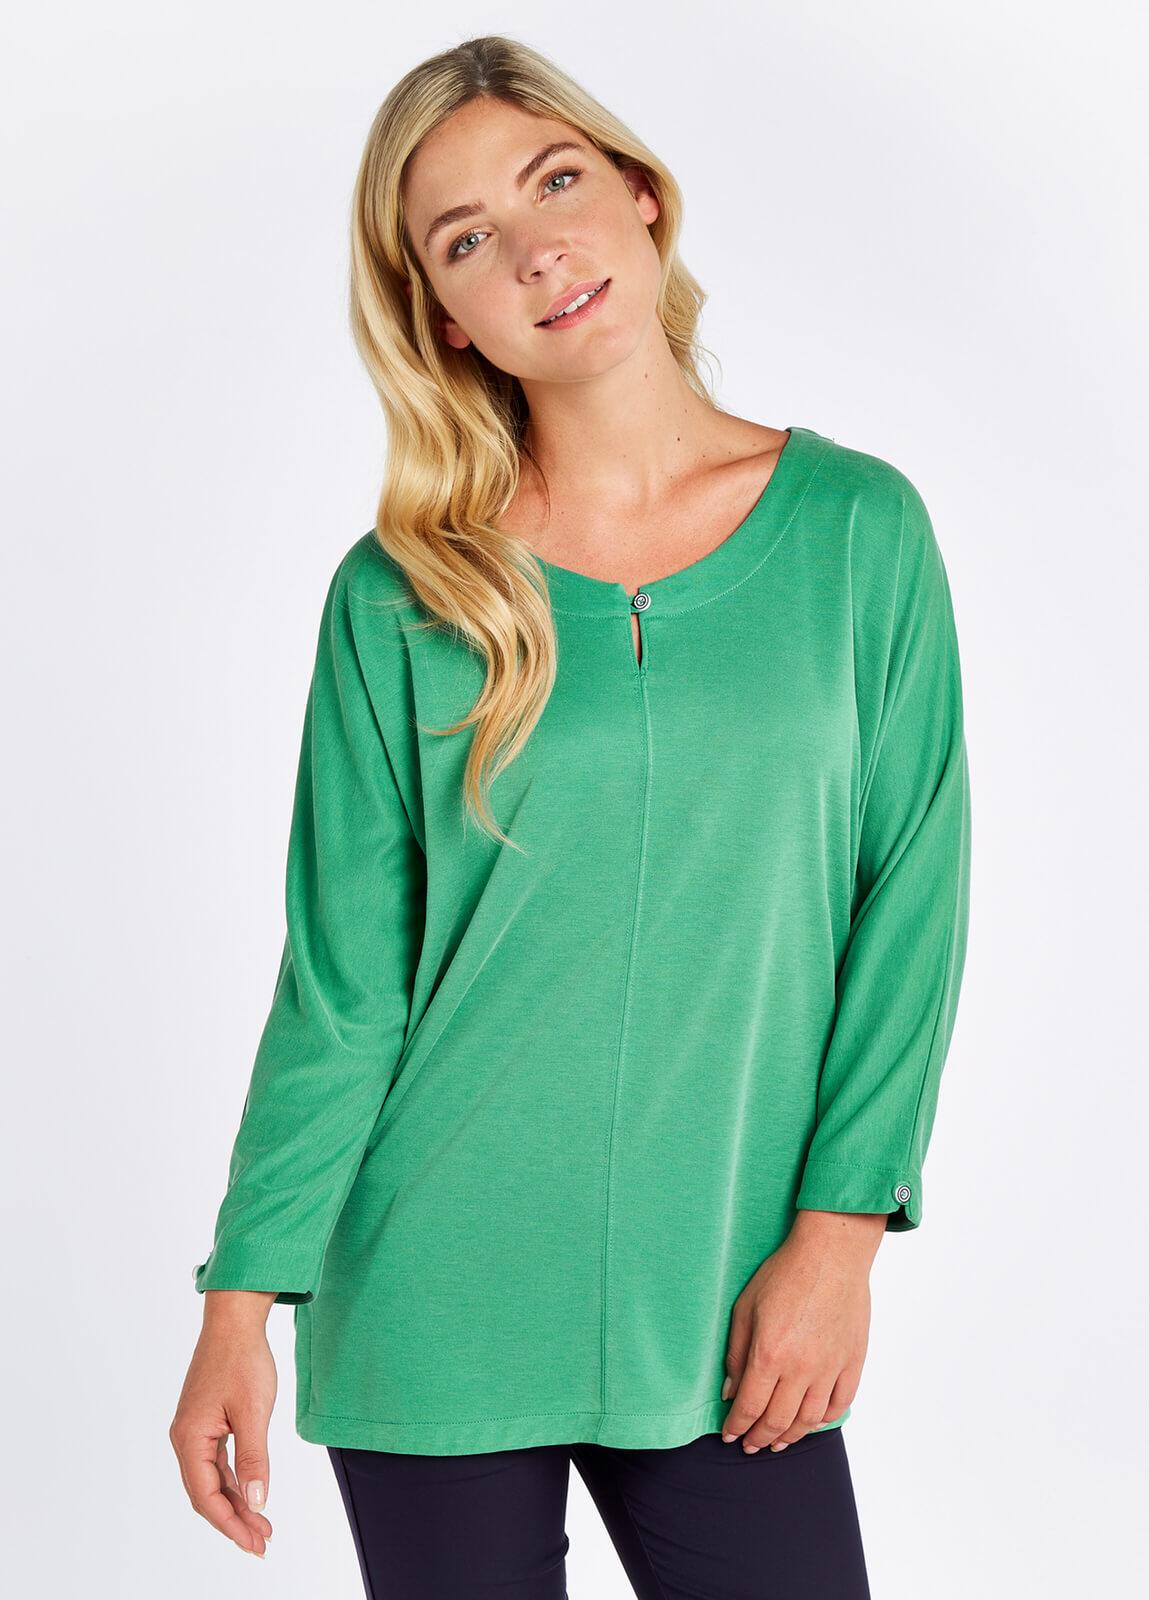 Mountlucas 3/4 sleeve Top - Kelly Green